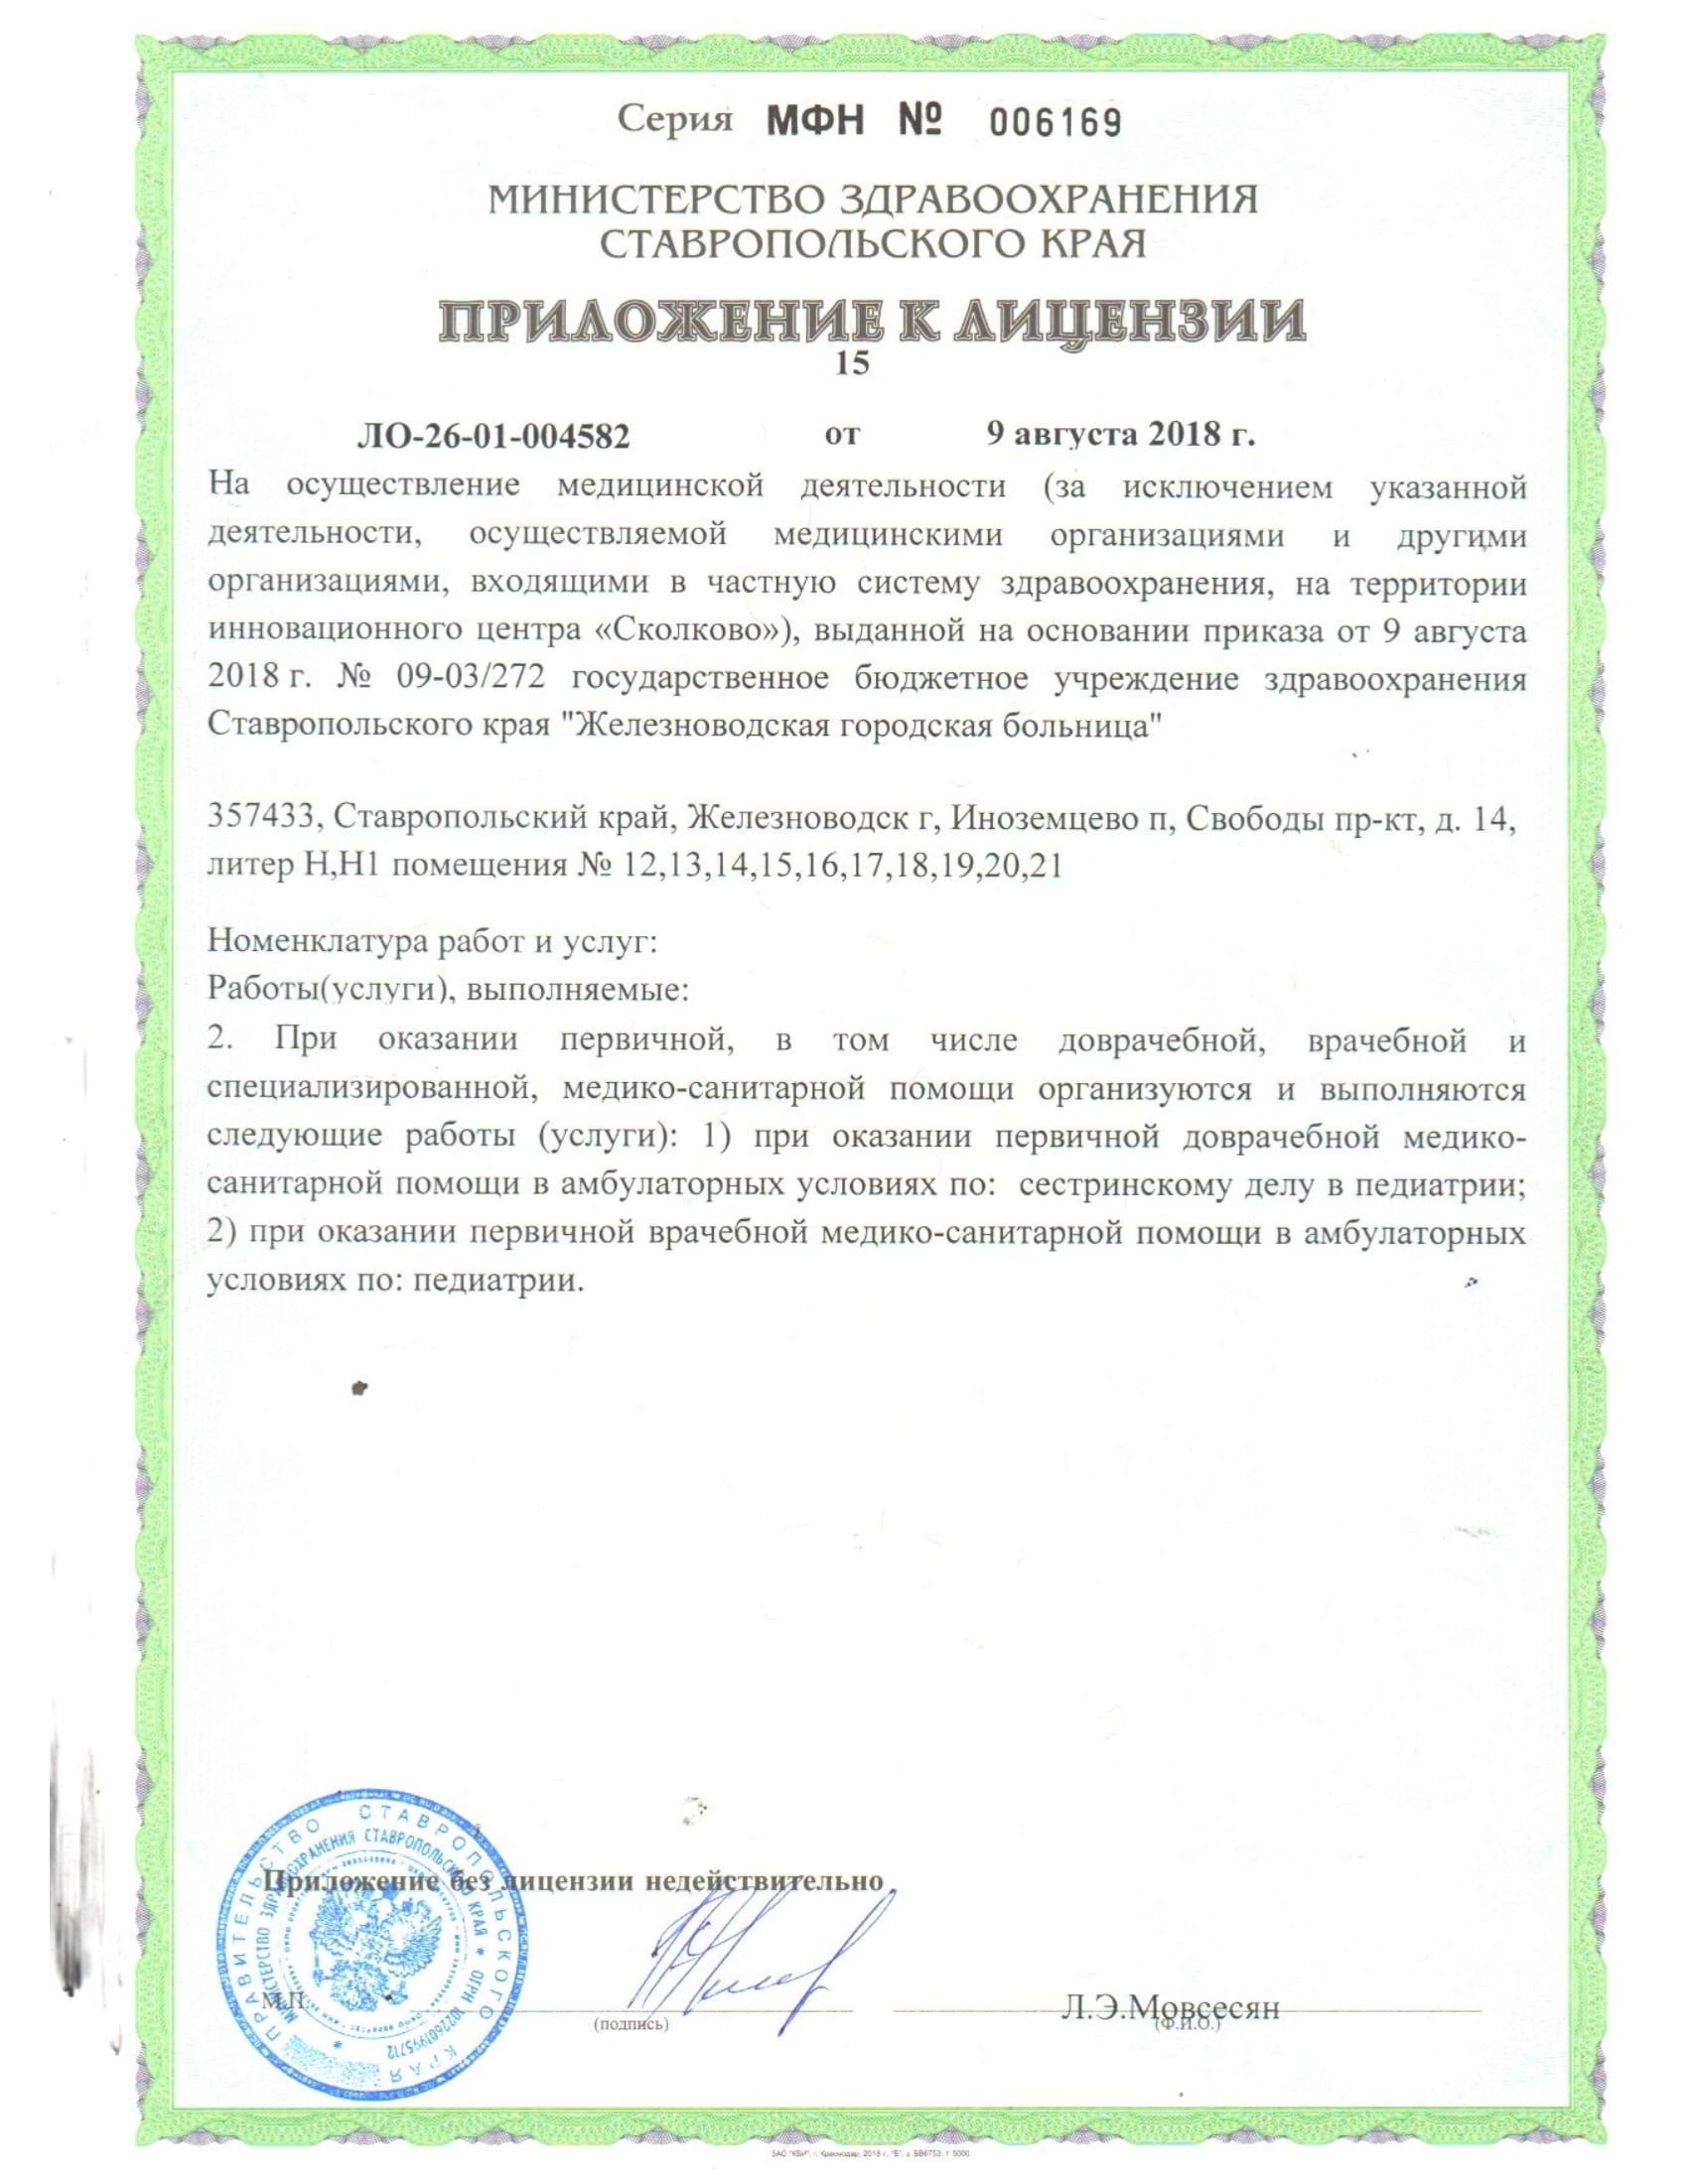 лицензия 2018 от 09.08.2018-19